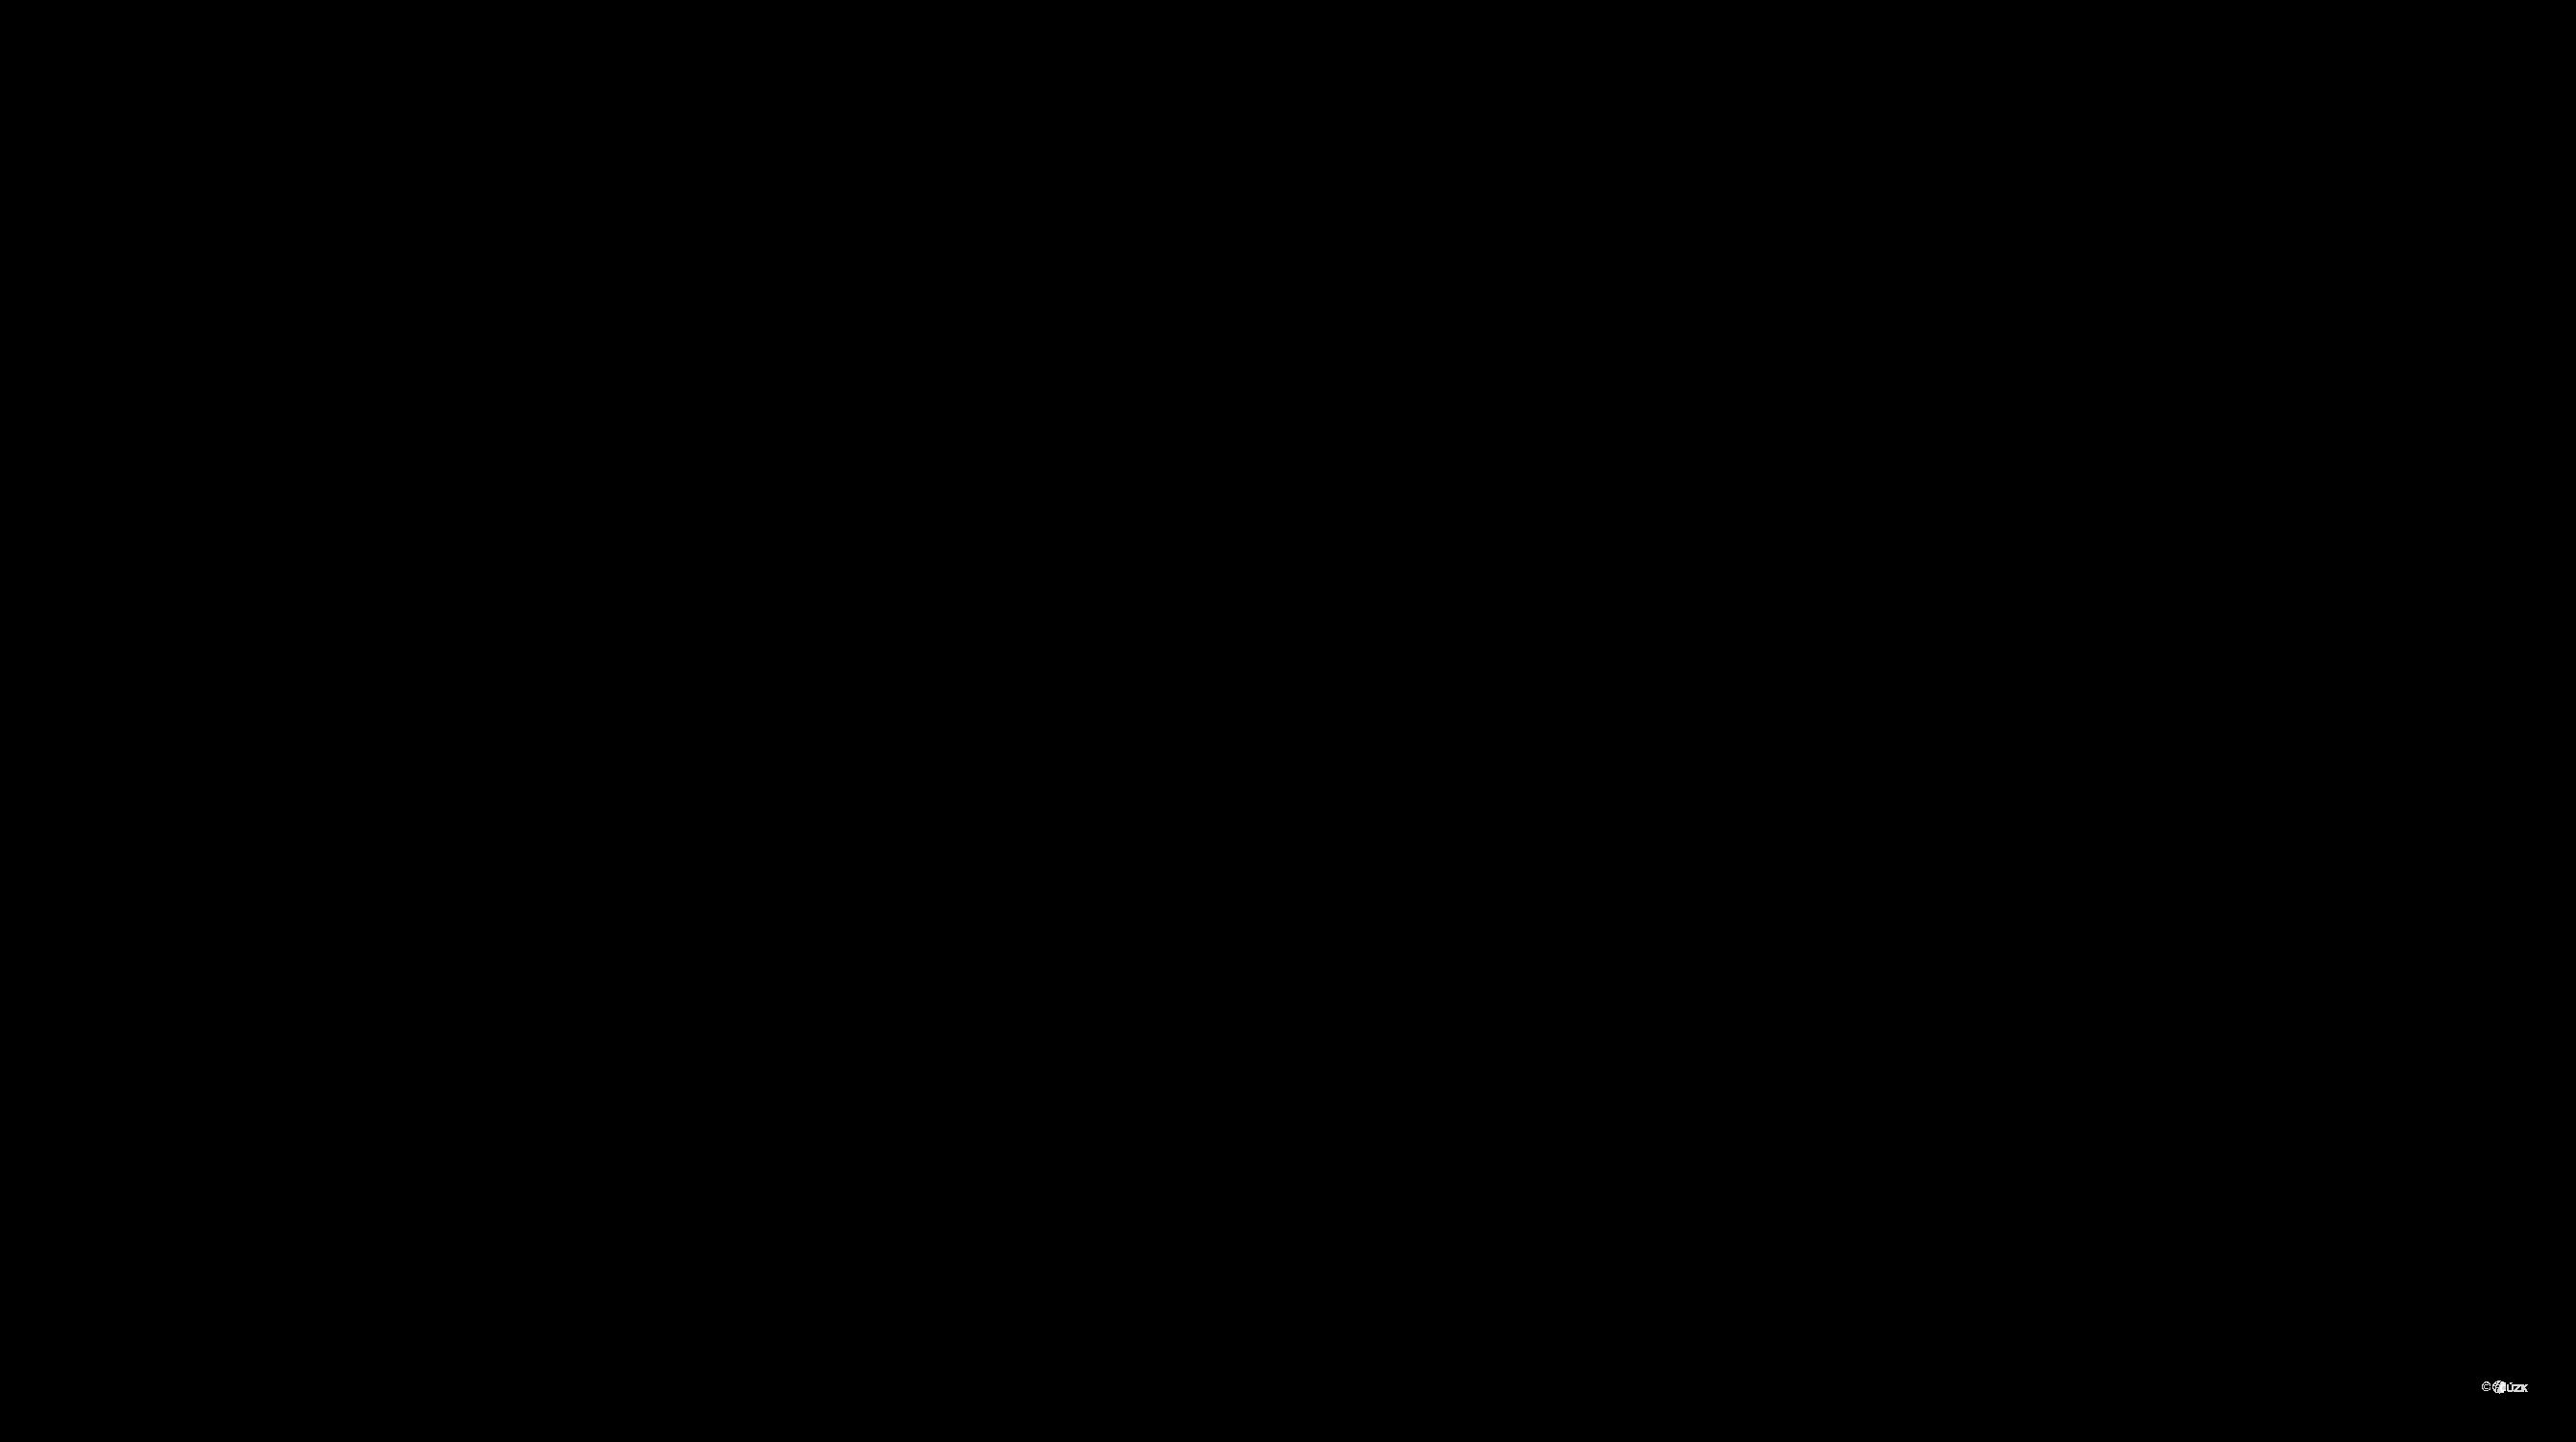 Katastrální mapa pozemků a čísla parcel Frýdlant